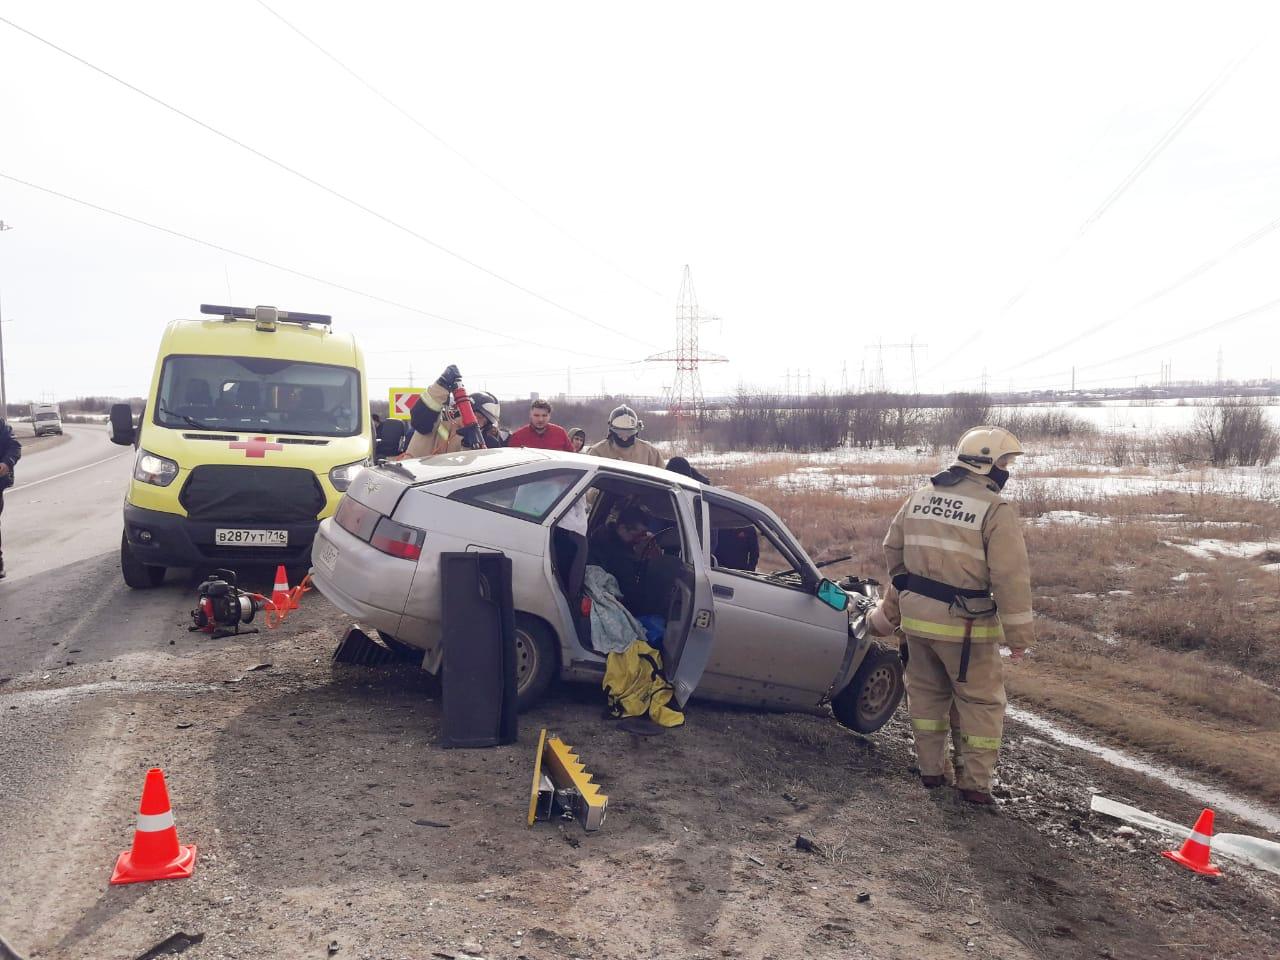 В Татарстане легковушка превратилась в груду металла, столкнувшись лоб в лоб с грузовиком